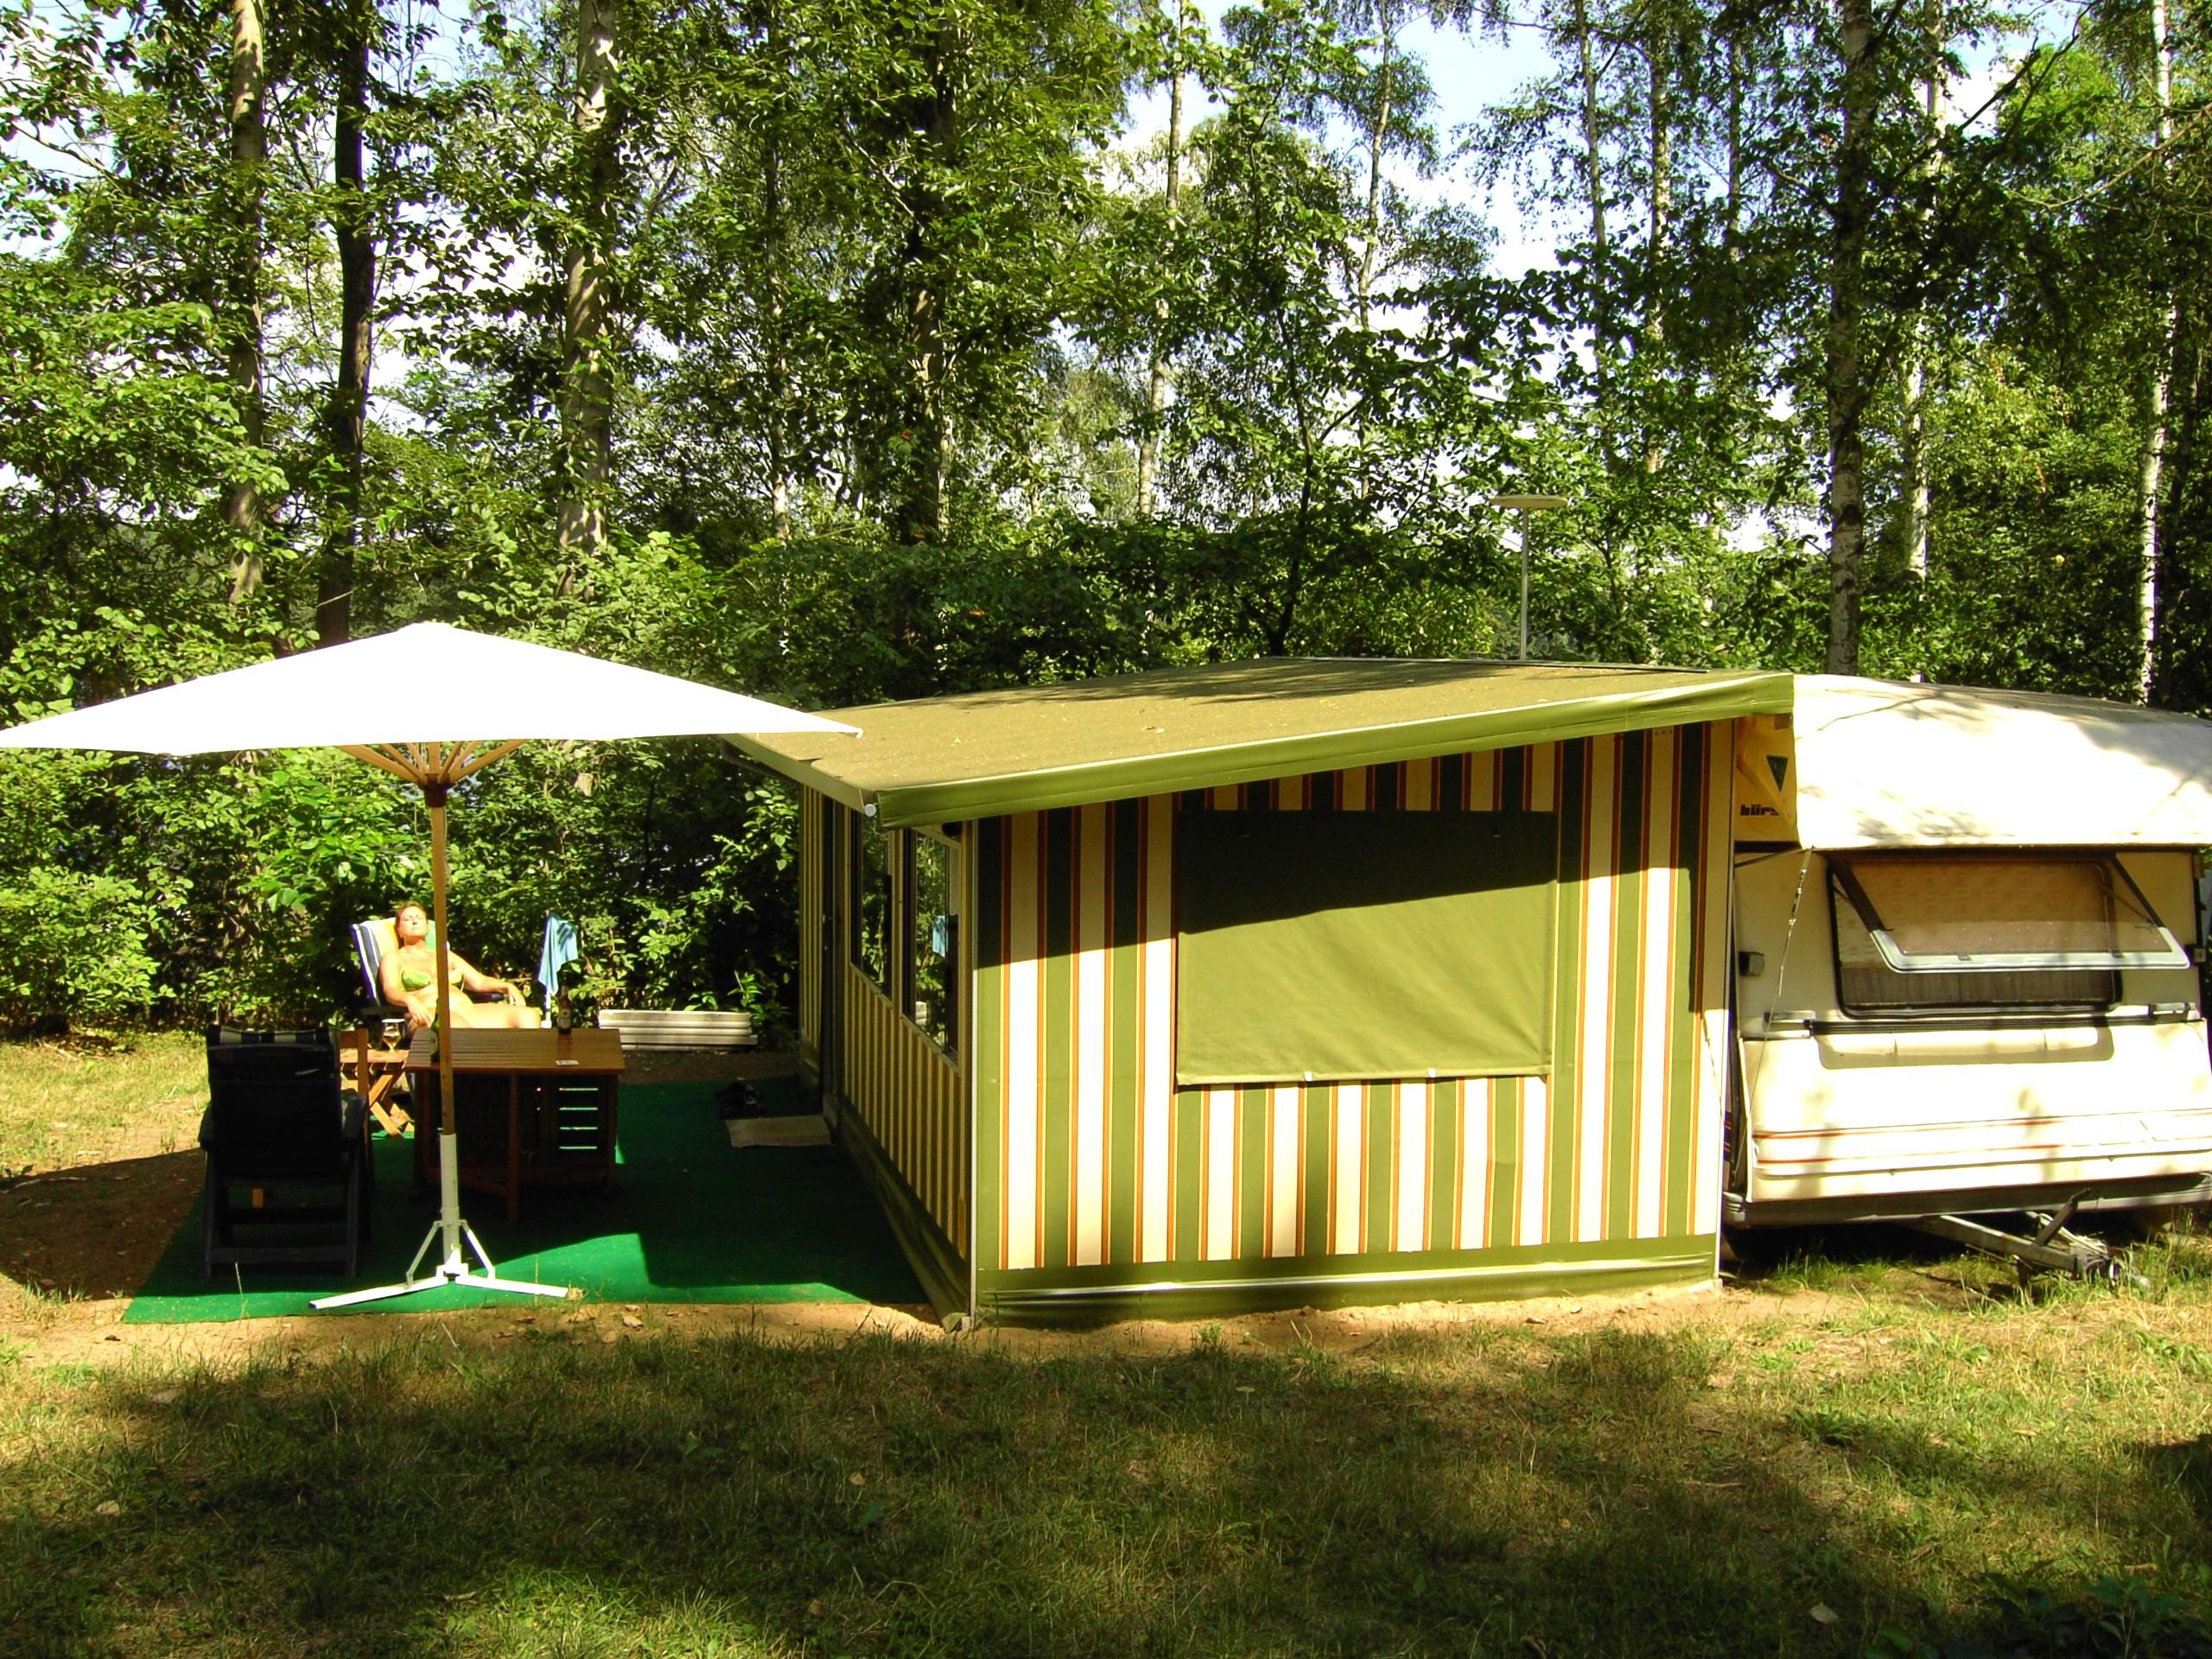 camping stellplatz kleinanzeigen. Black Bedroom Furniture Sets. Home Design Ideas